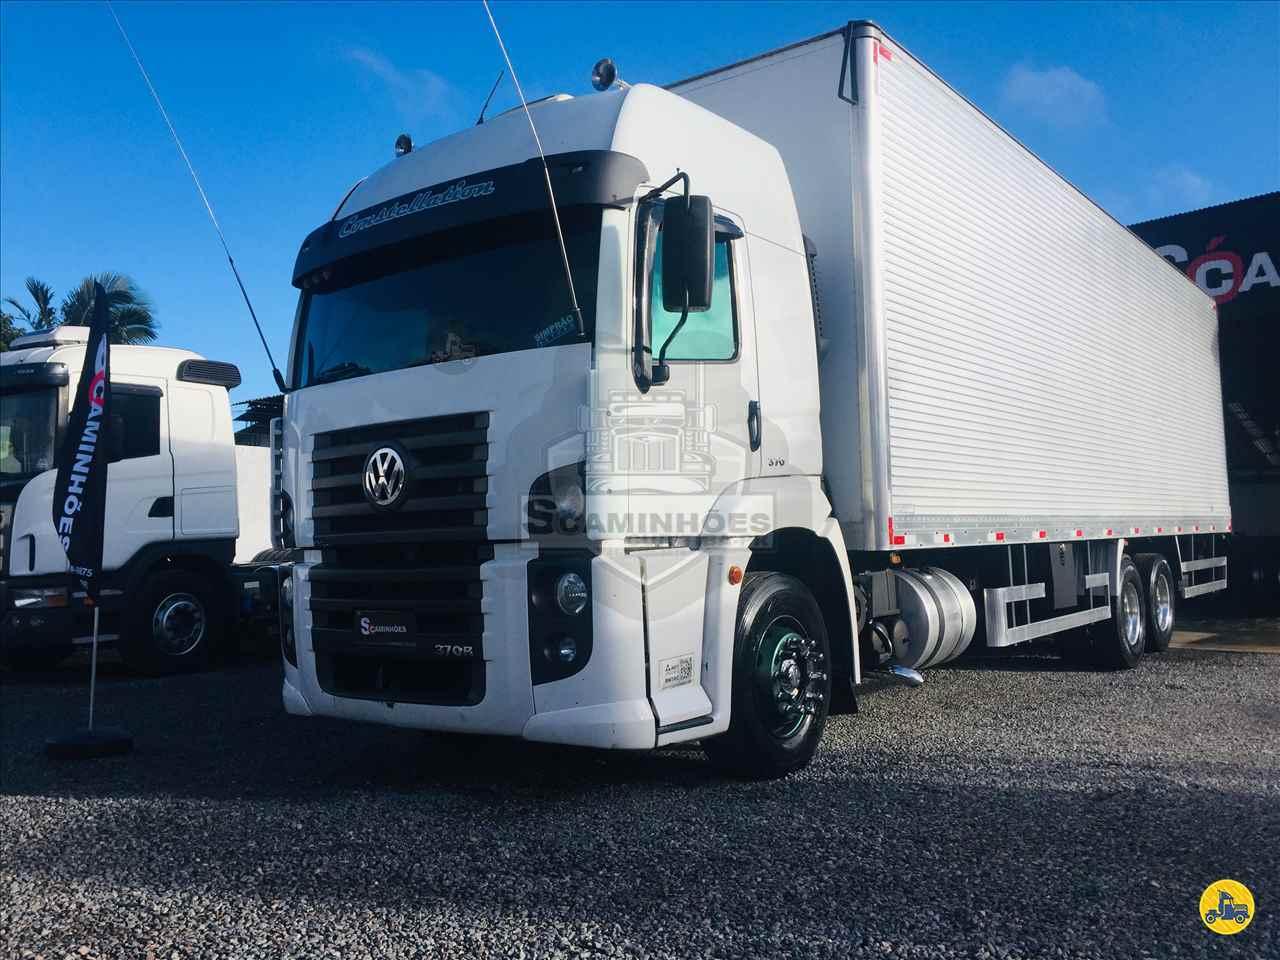 CAMINHAO VOLKSWAGEN VW 25370 Baú Furgão Truck 6x2 Só Caminhões Curitiba CURITIBA PARANÁ PR